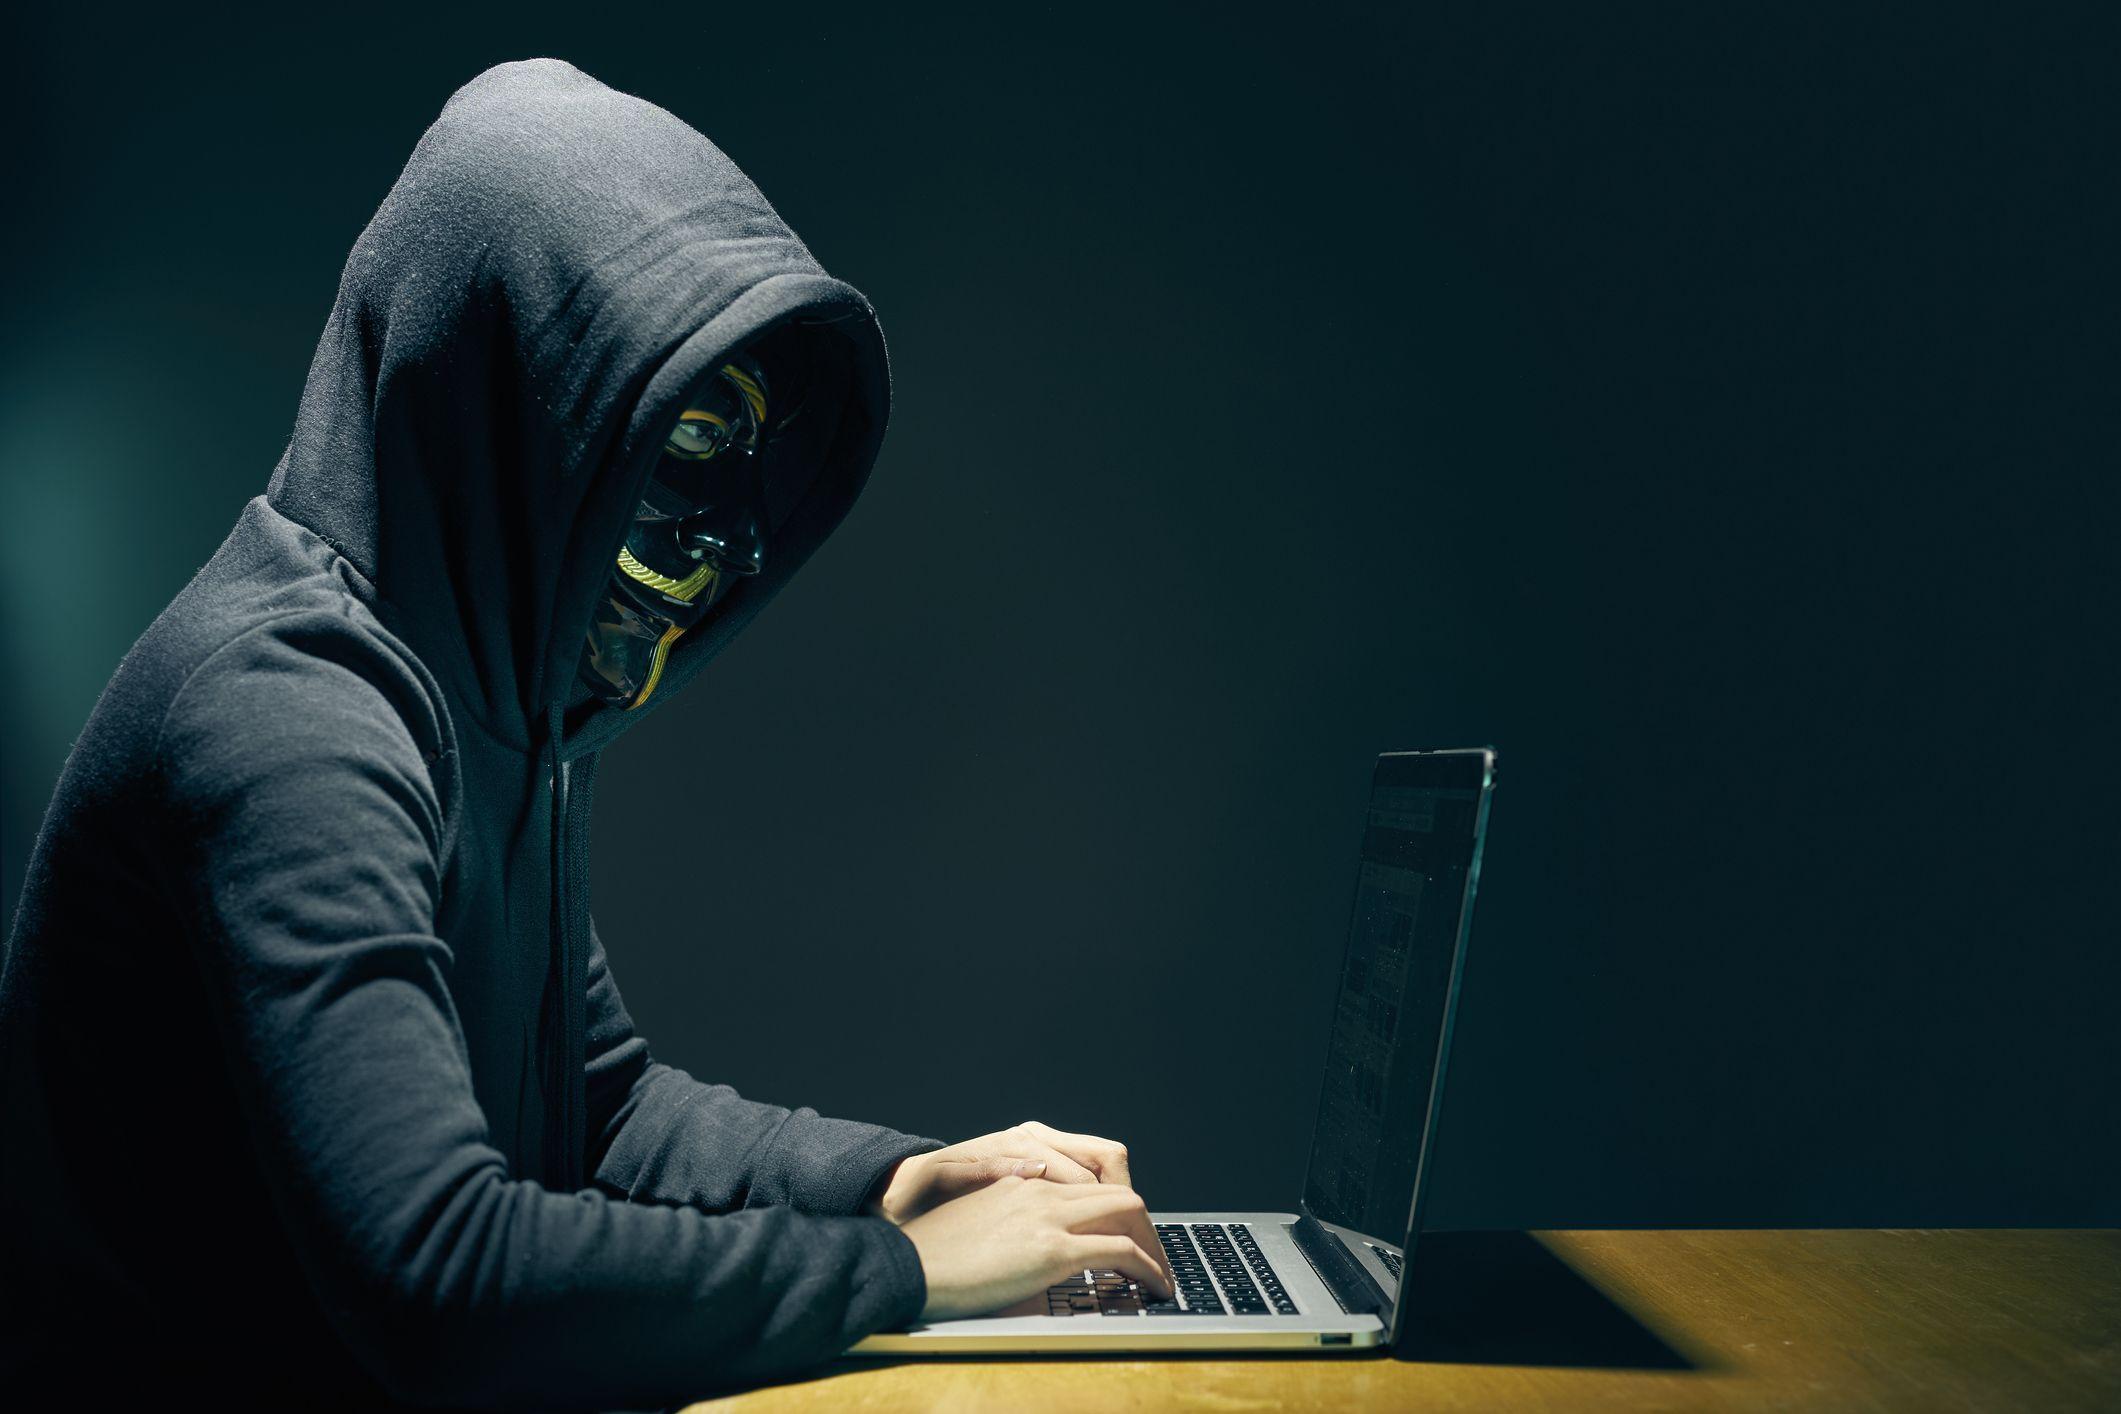 Những kẻ tấn công ở Nigeria ăn cắp kế hoạch mạng và IP